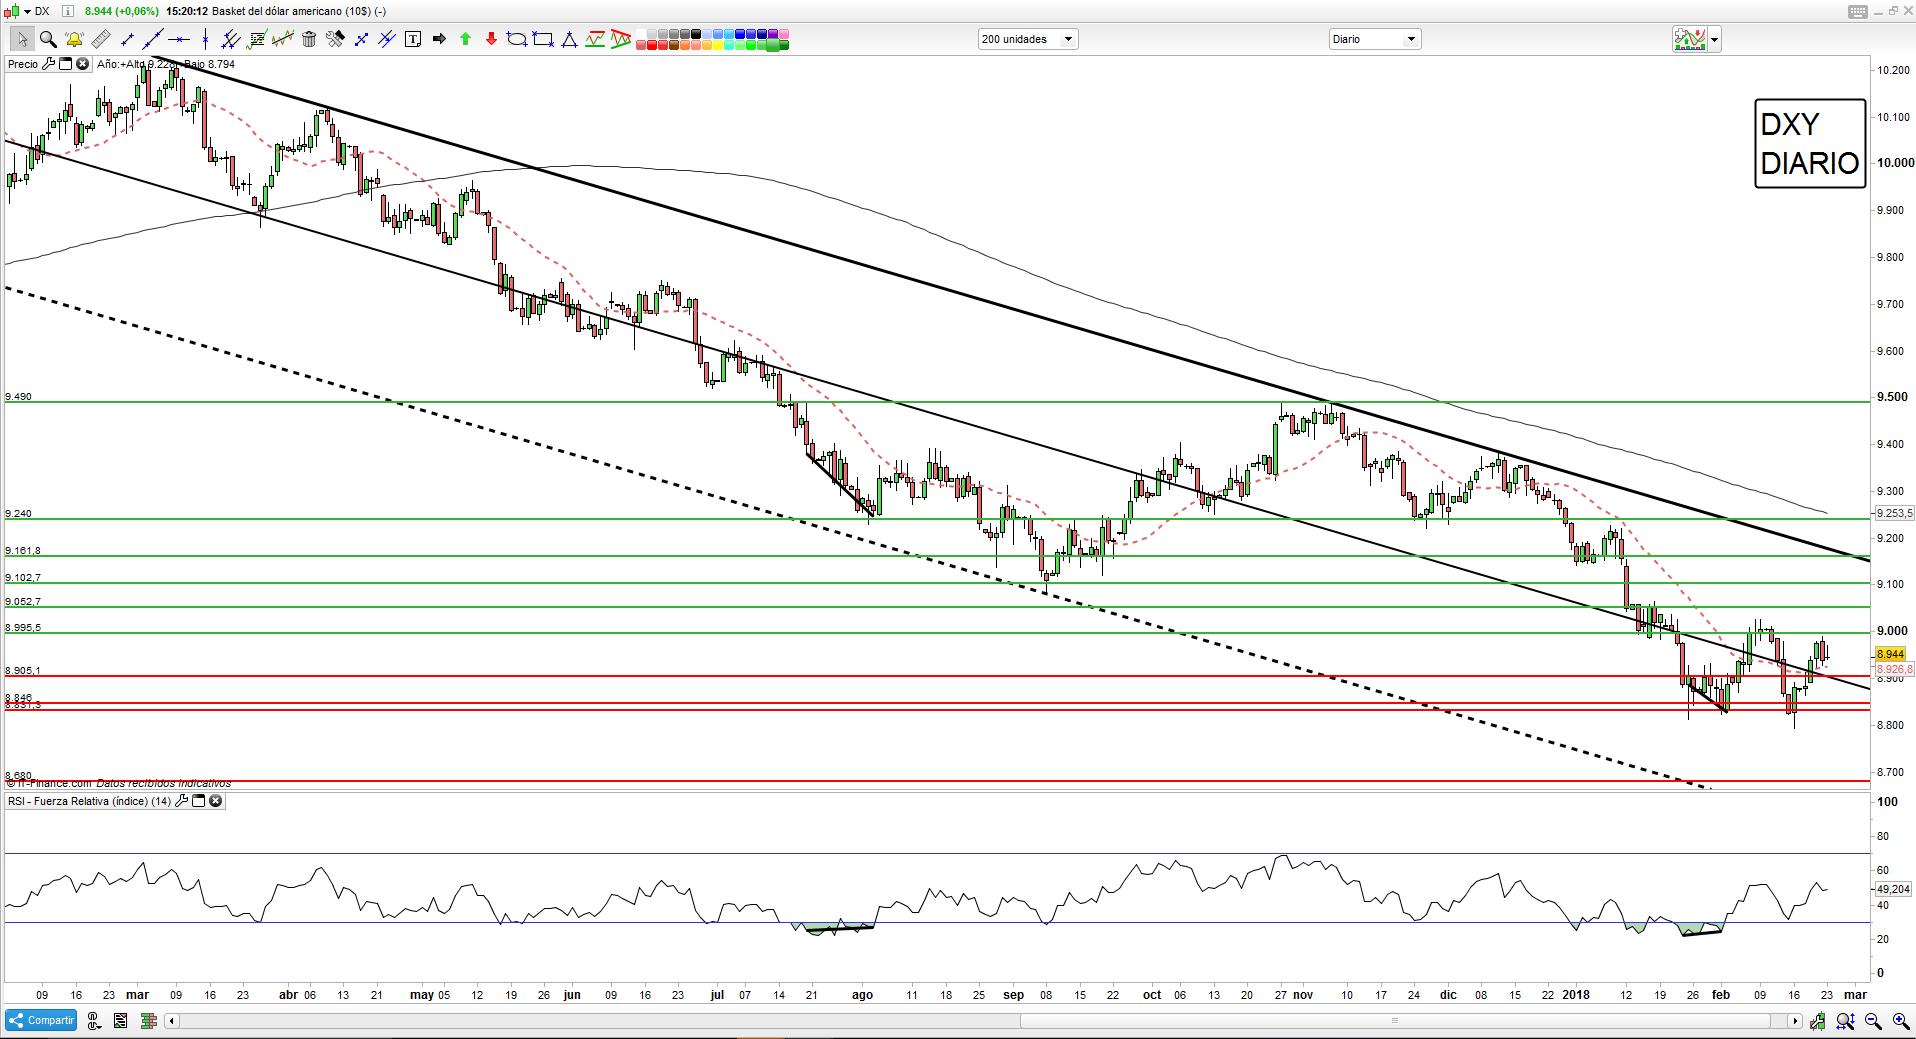 Trading de Dólar y análisis técnico en espera de Jerome Powell